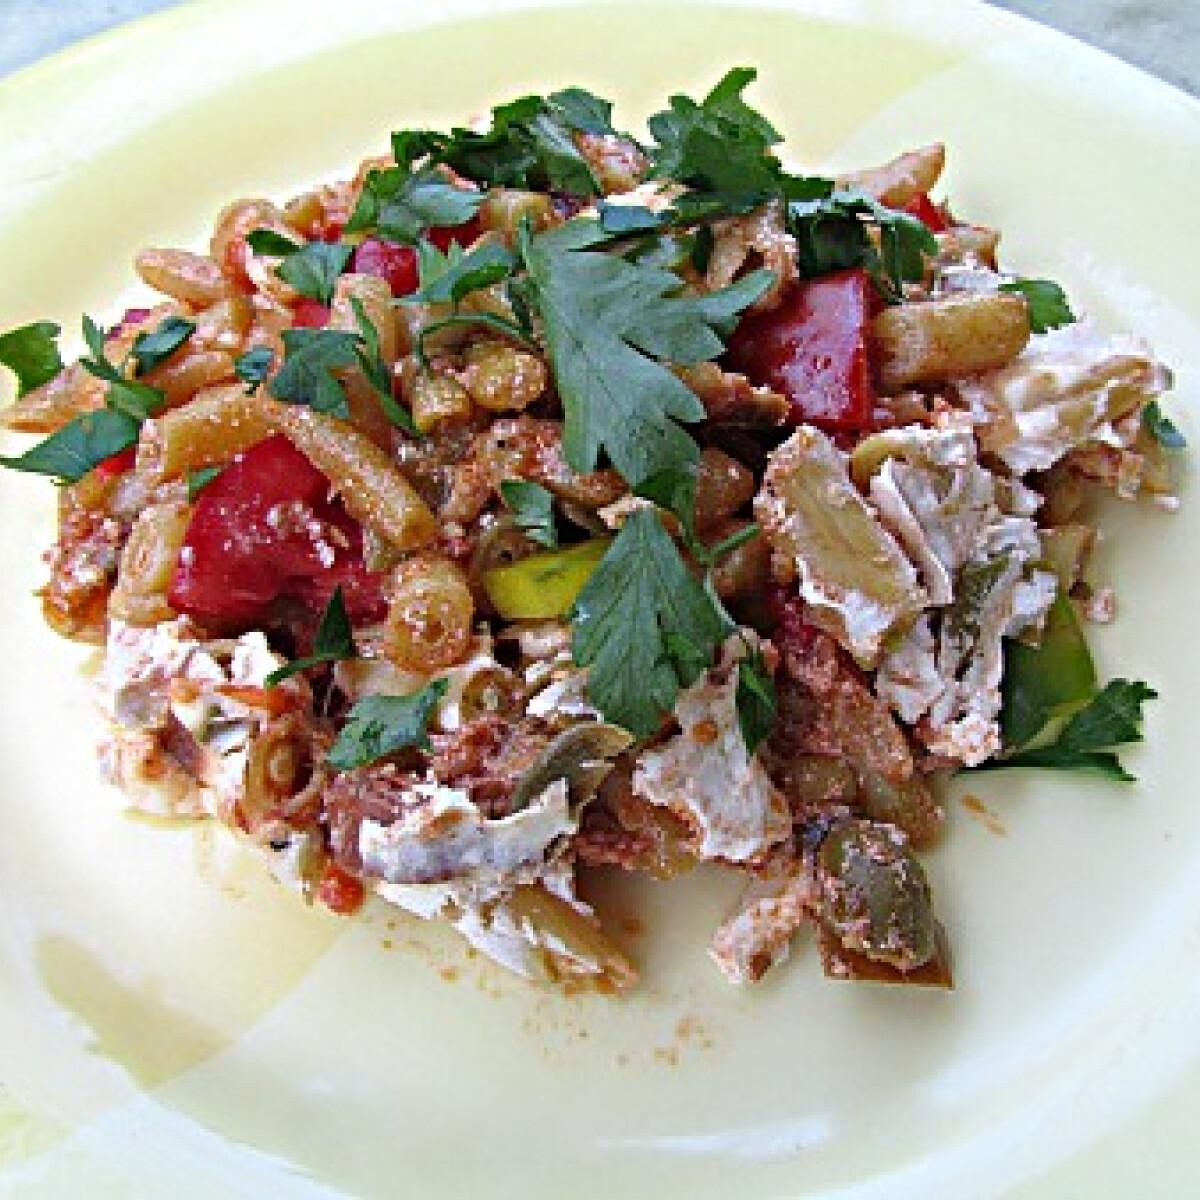 Ezen a képen: Csőben sült zöldbab juhtúróval és kolbásszal